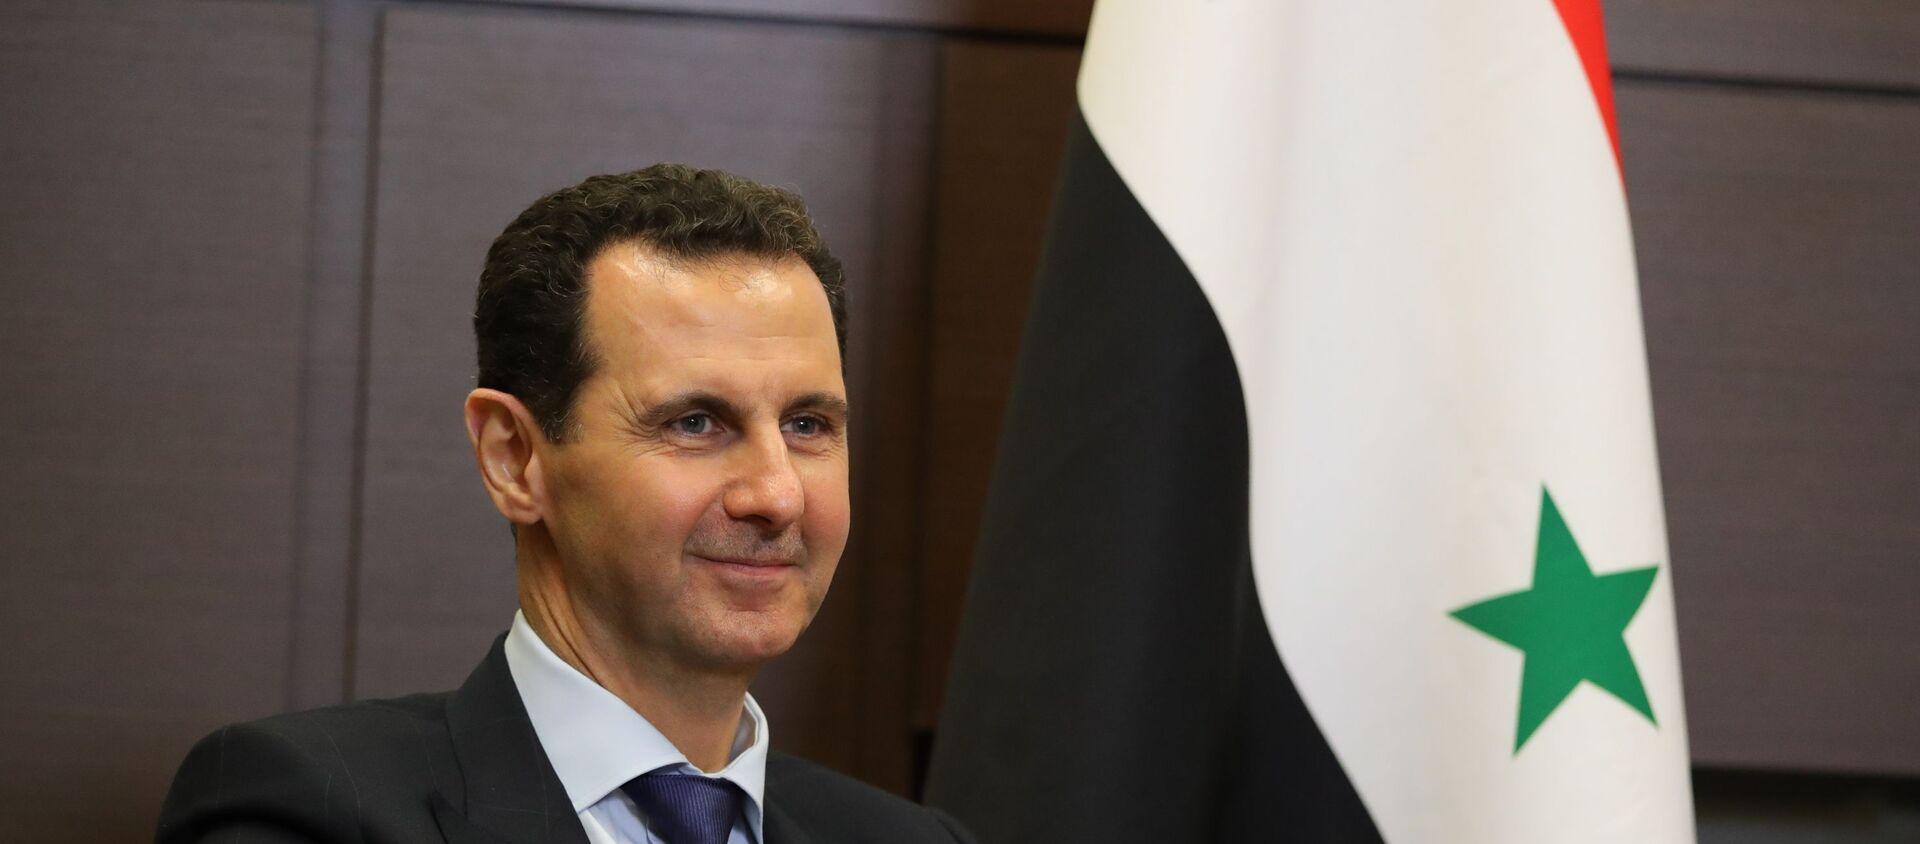 Президент РФ В. Путин встретился в Сочи с главой Сирии Б. Асадом - Sputnik Абхазия, 1920, 03.06.2021